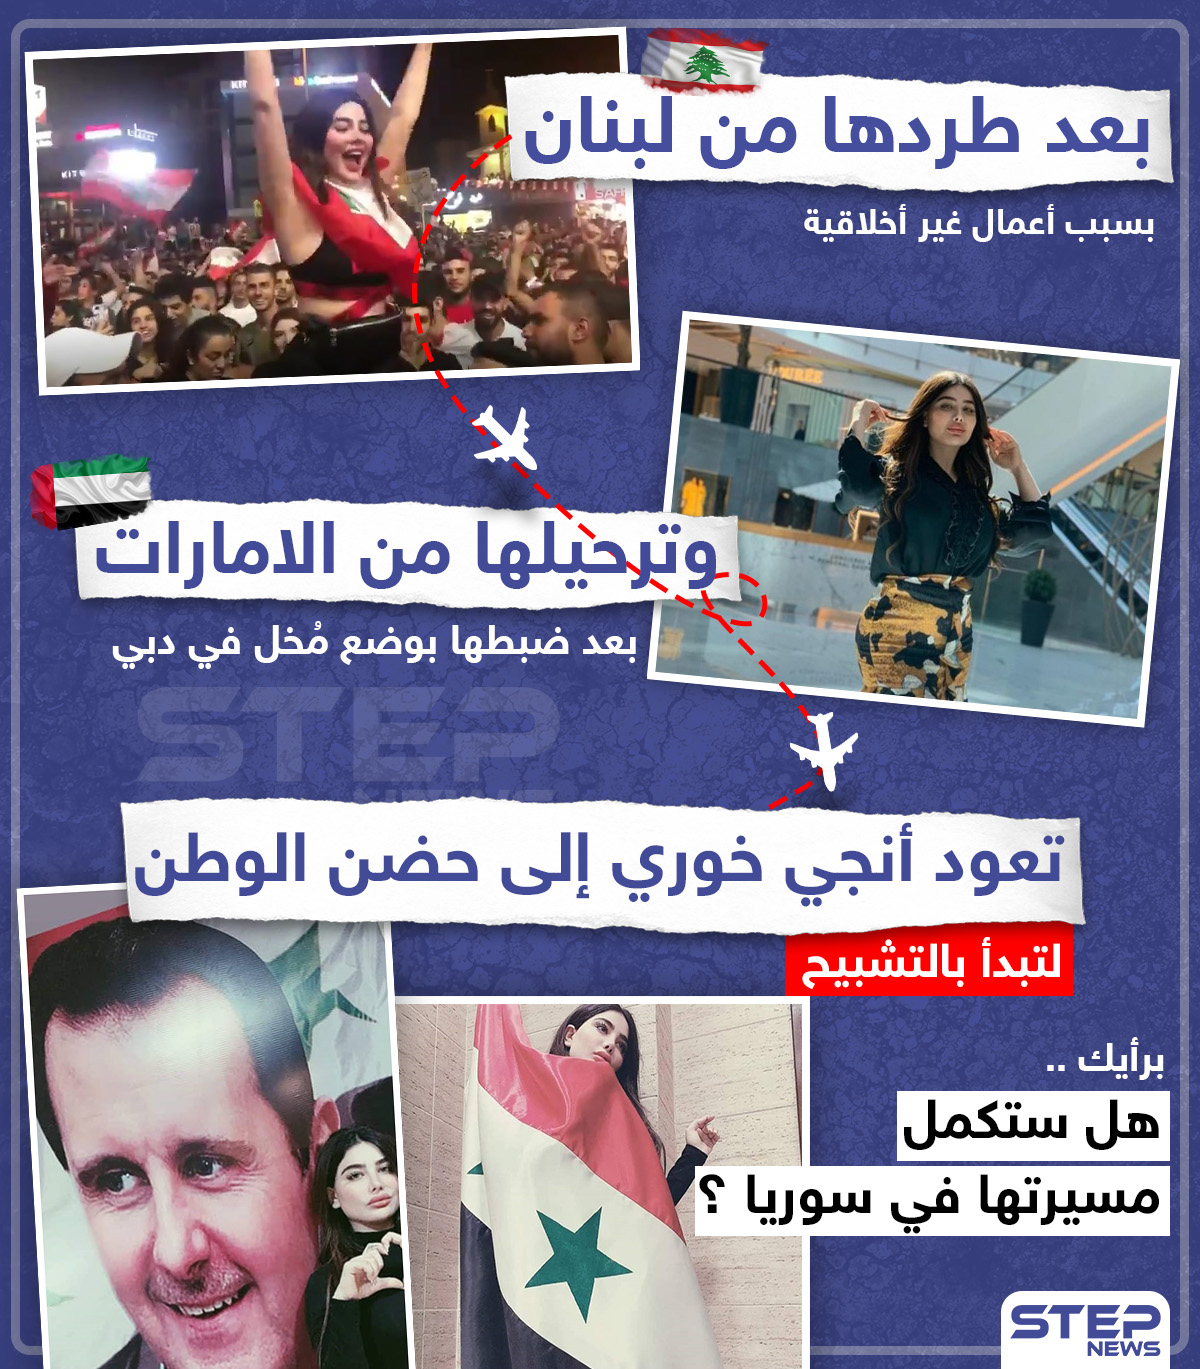 """نجوى خليق الله الملقبة بـ """"انجي خوري"""" في حضن الوطن بعد طردها من لبنان والإمارات"""